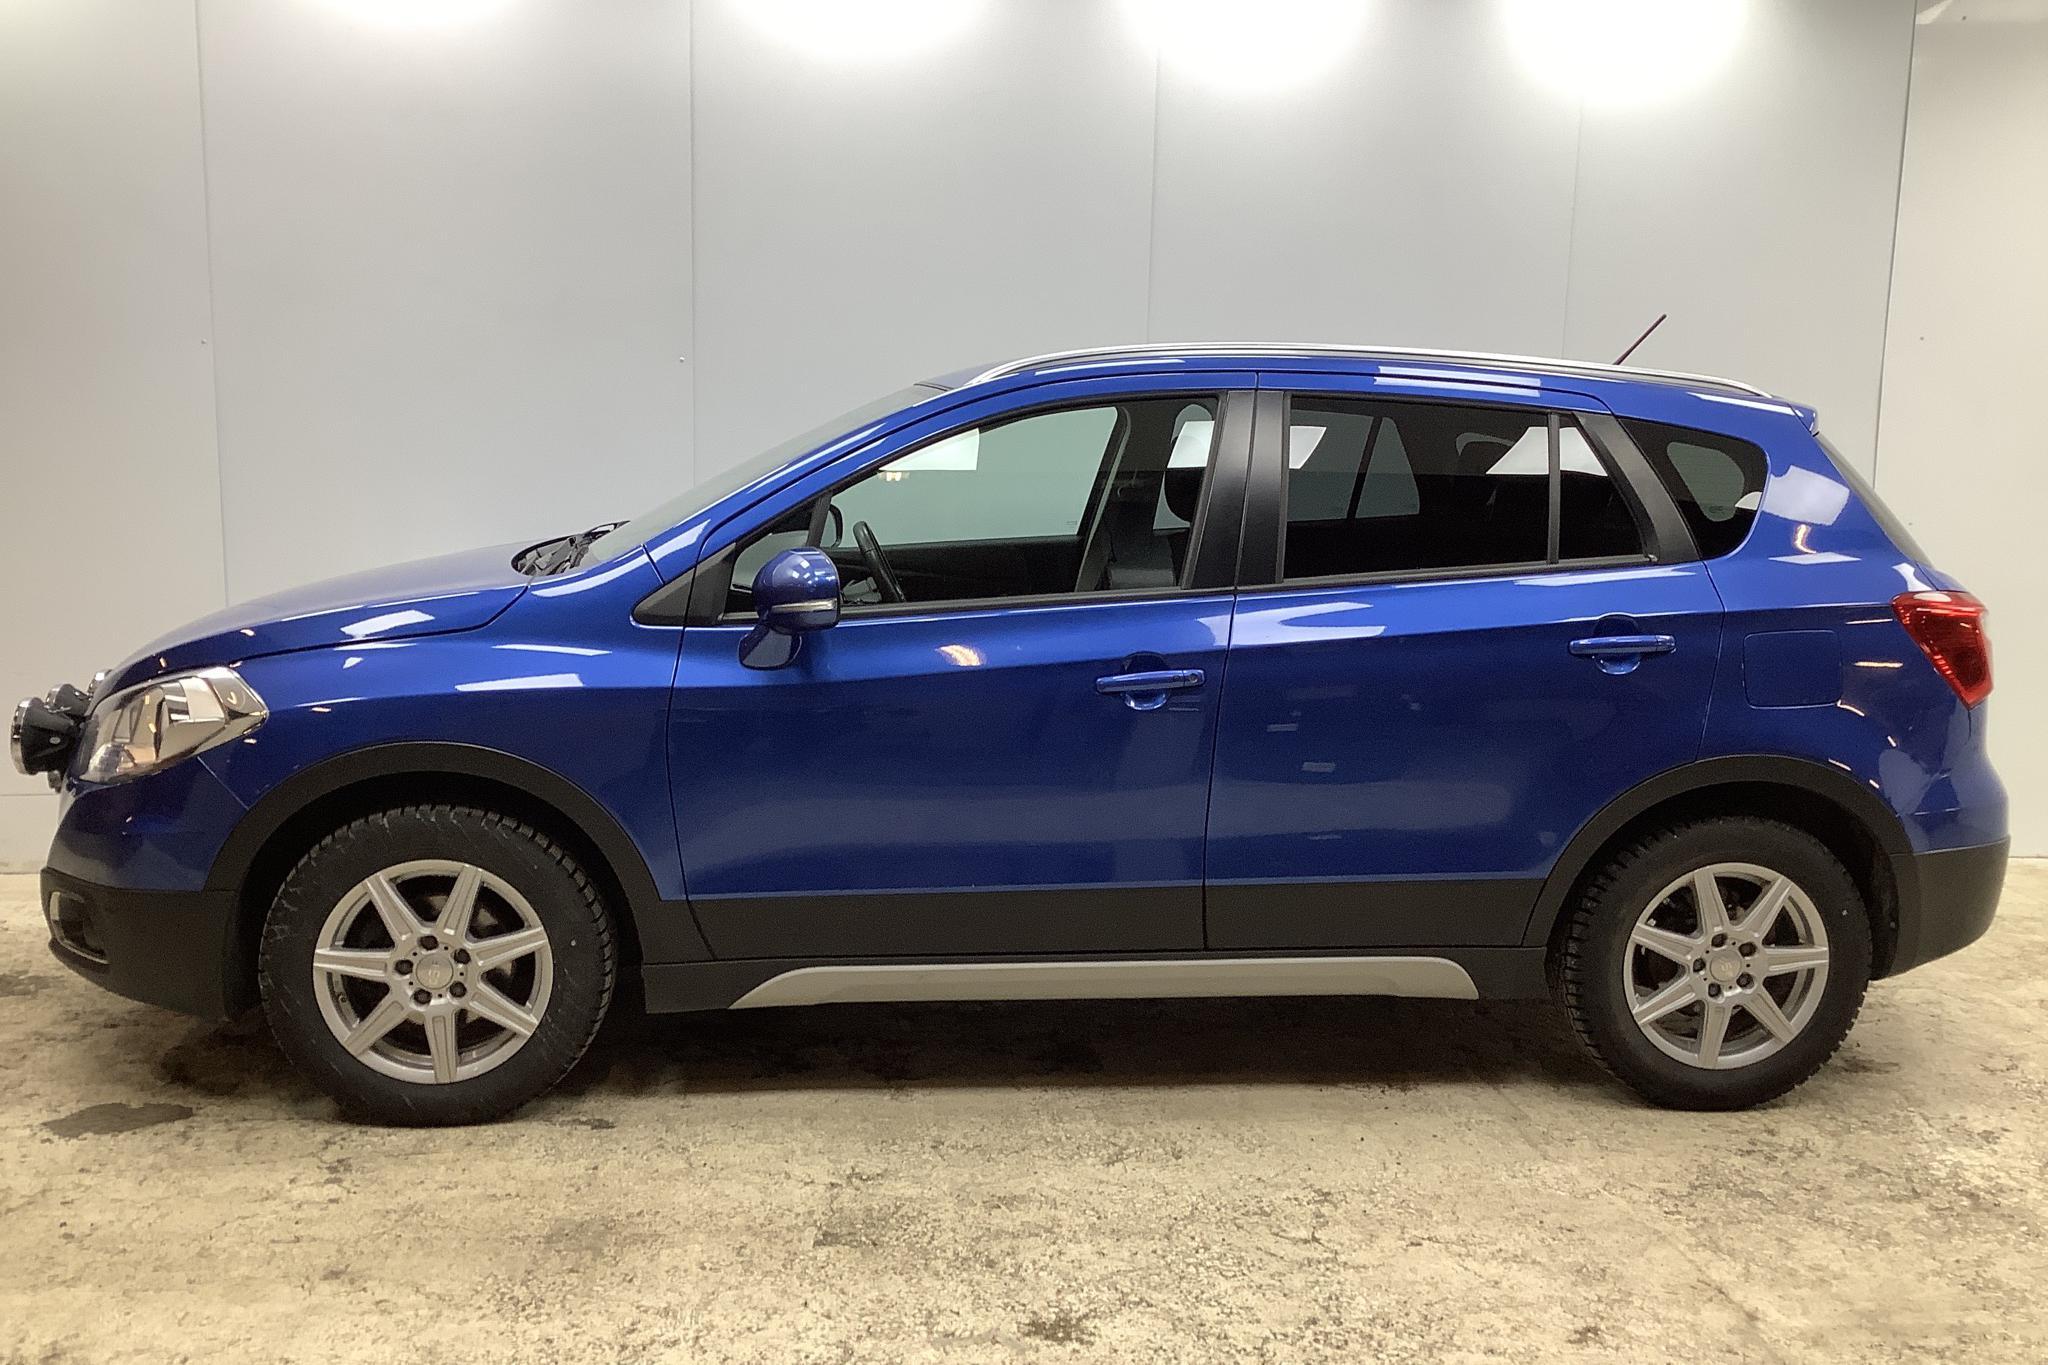 Suzuki S-Cross 1.6 4x4 (120hk) - 7 538 mil - Manuell - blå - 2015